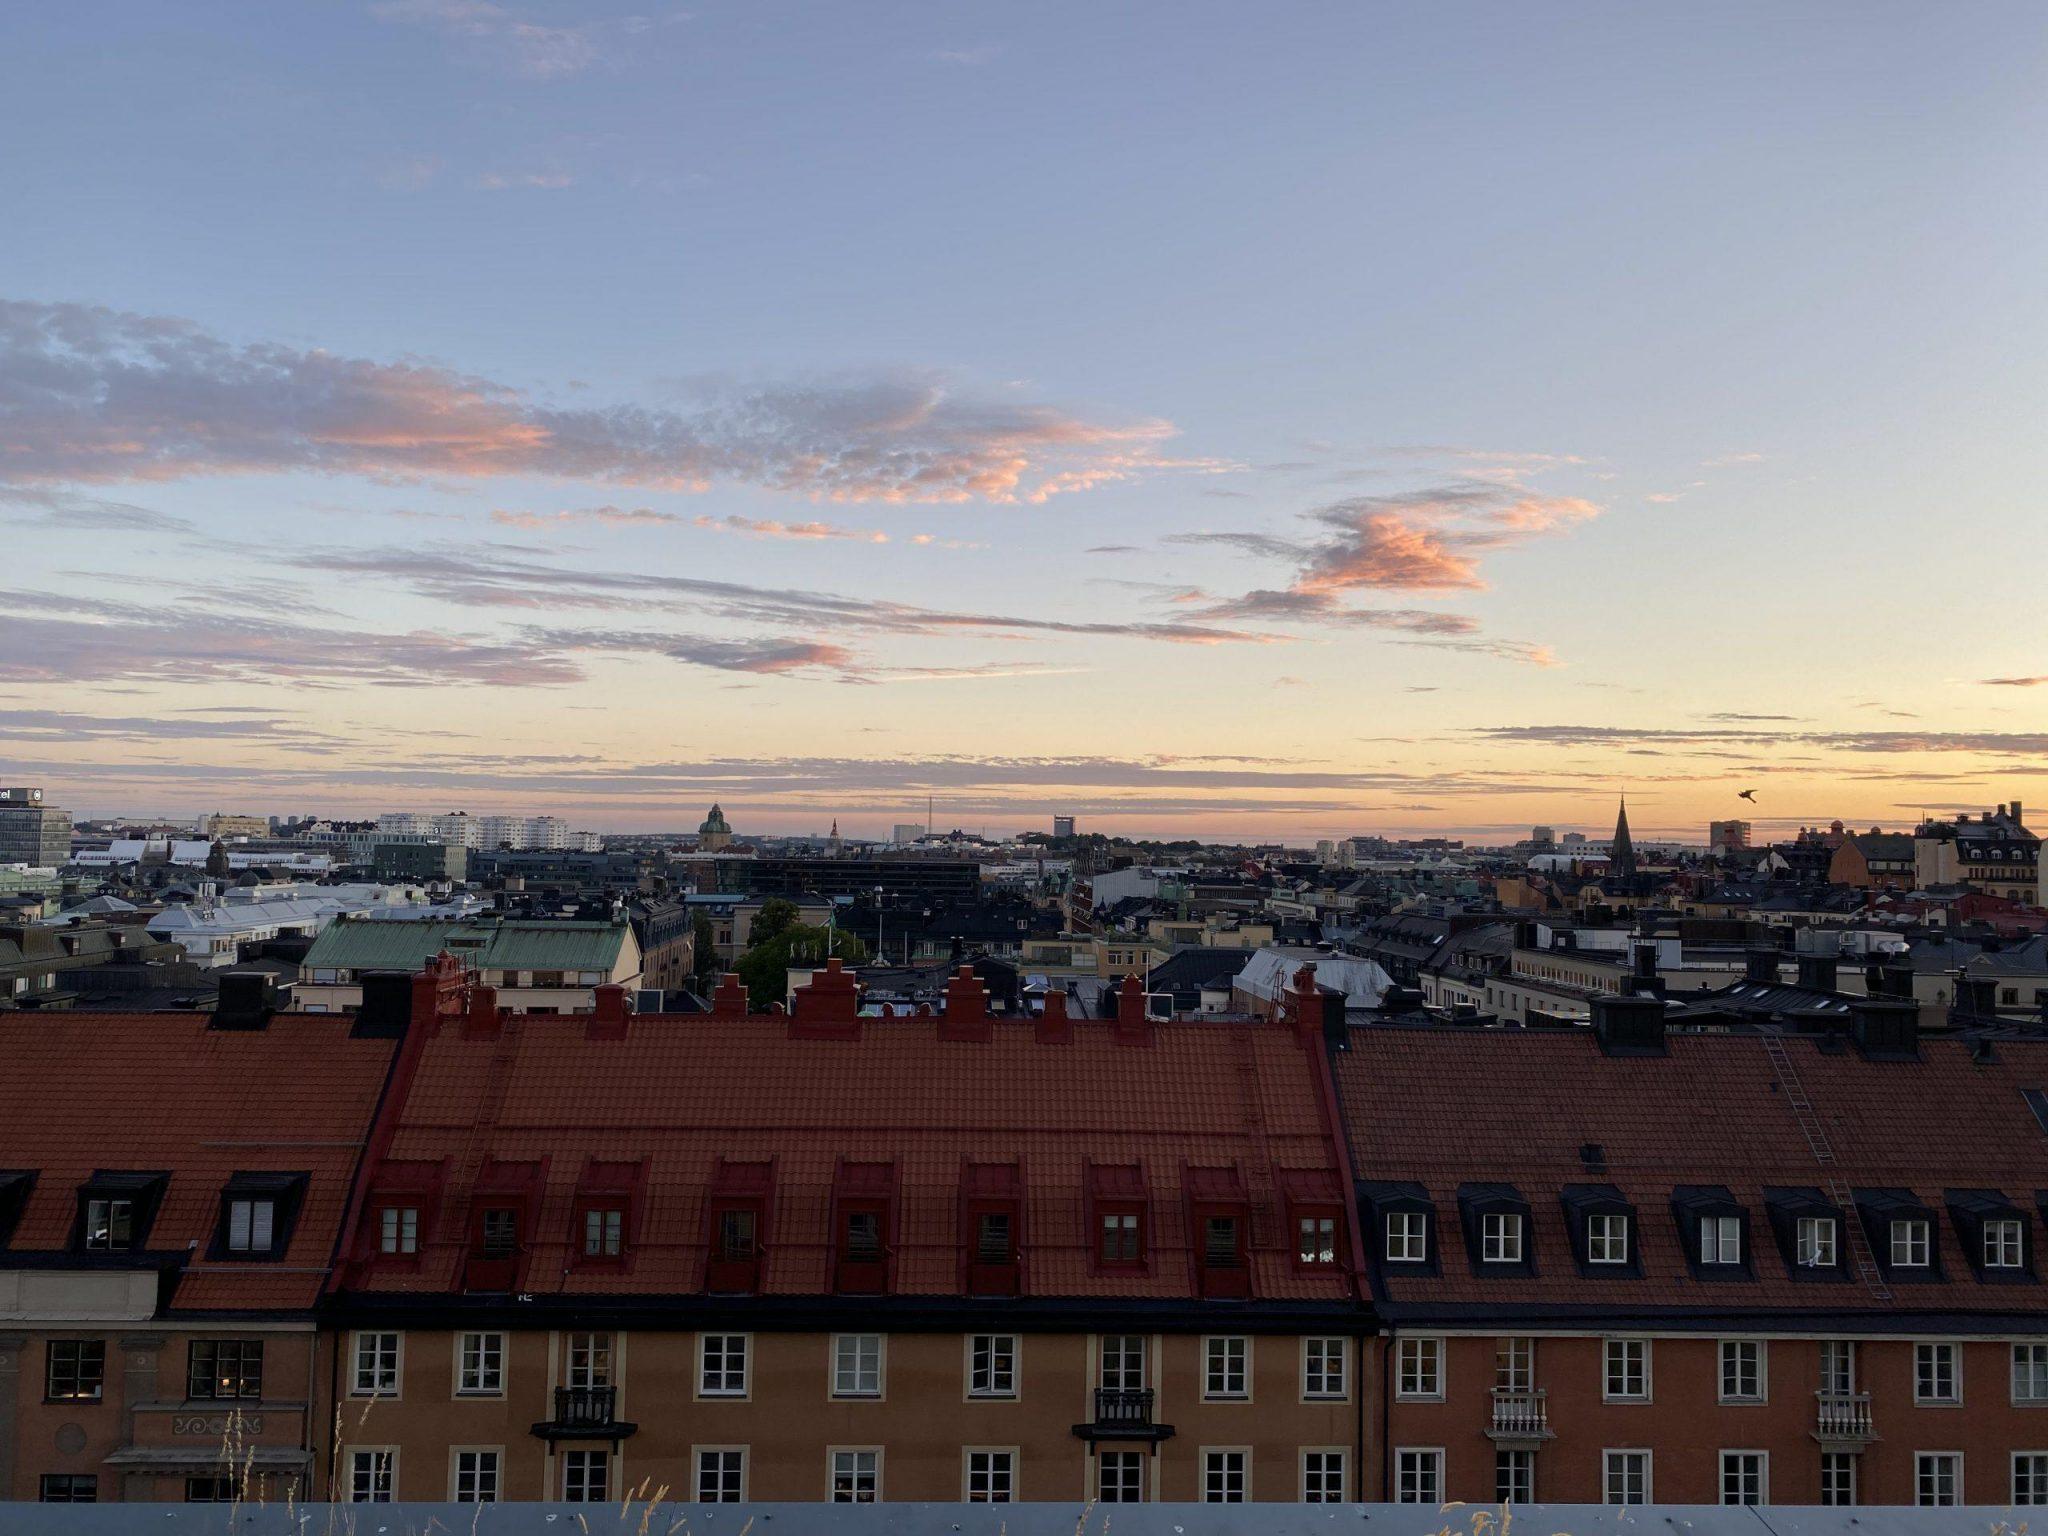 Stockholm 3 rooftops à faire avec vue 360 sur la ville